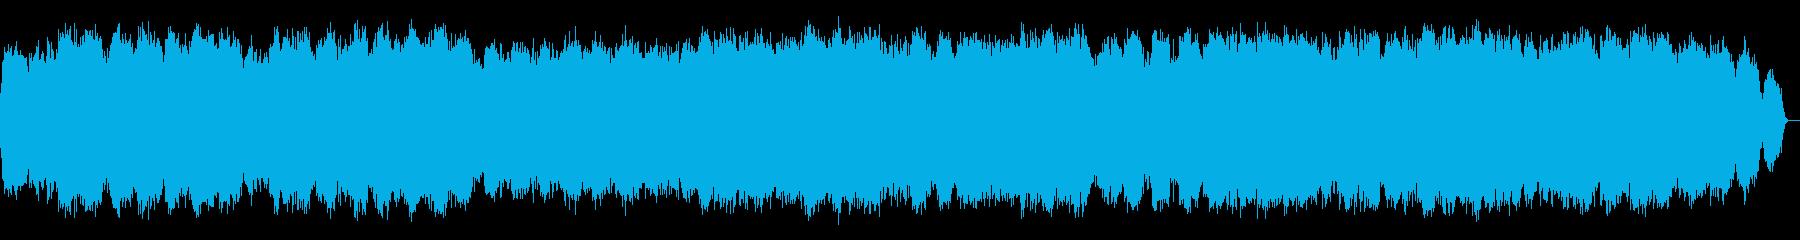 心落ち着く笛のヒーリングミュージックの再生済みの波形